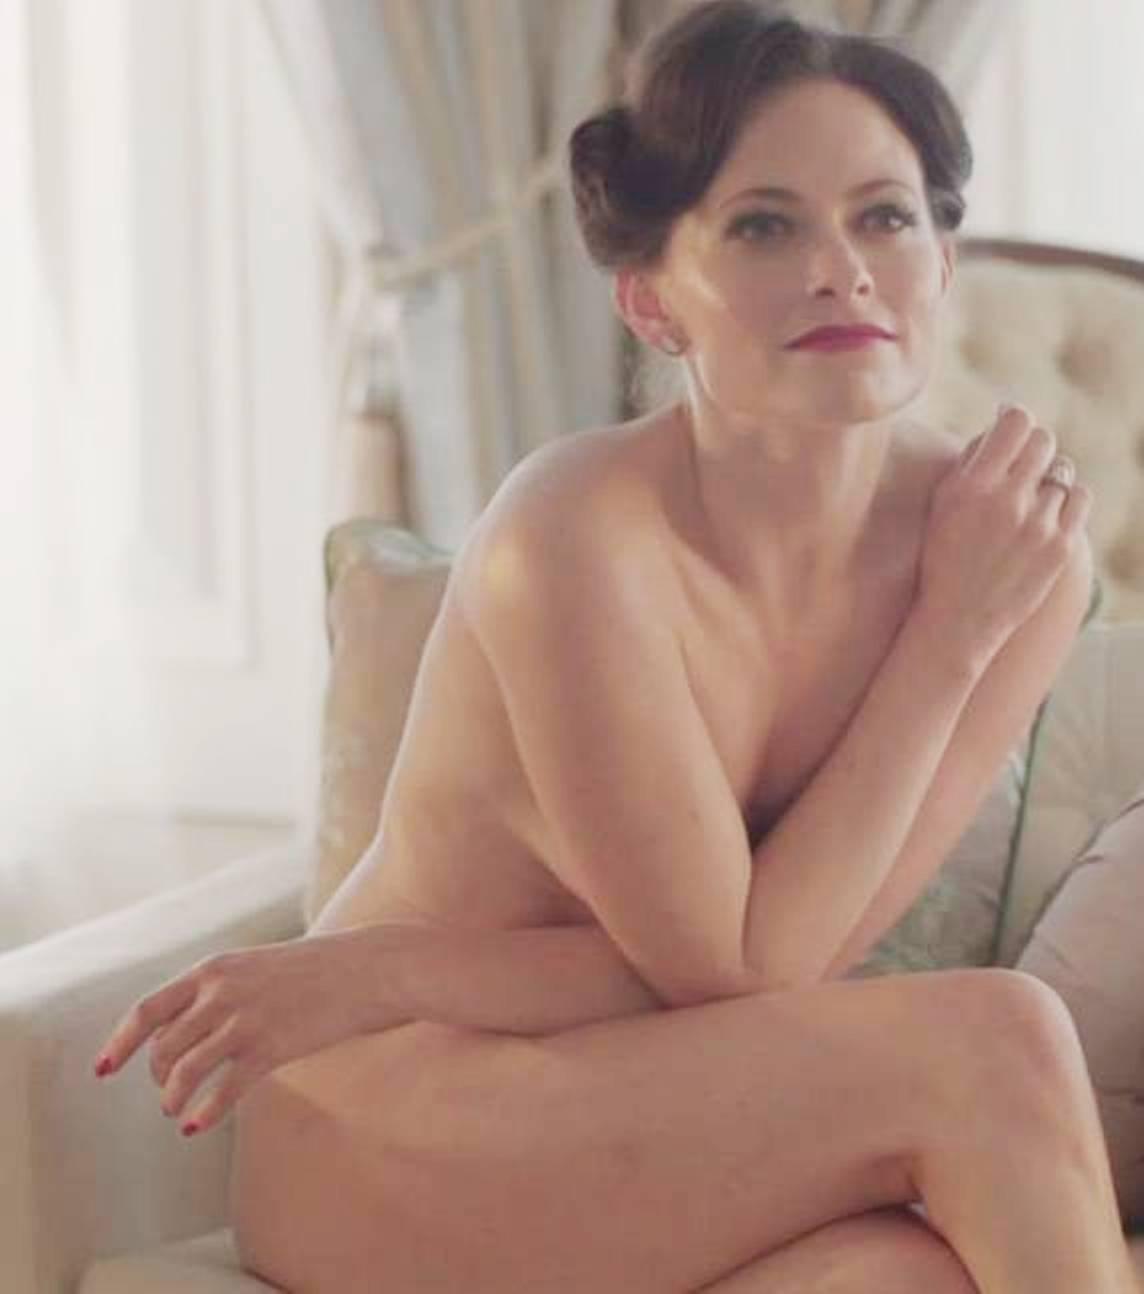 girls nude gifs Total drama